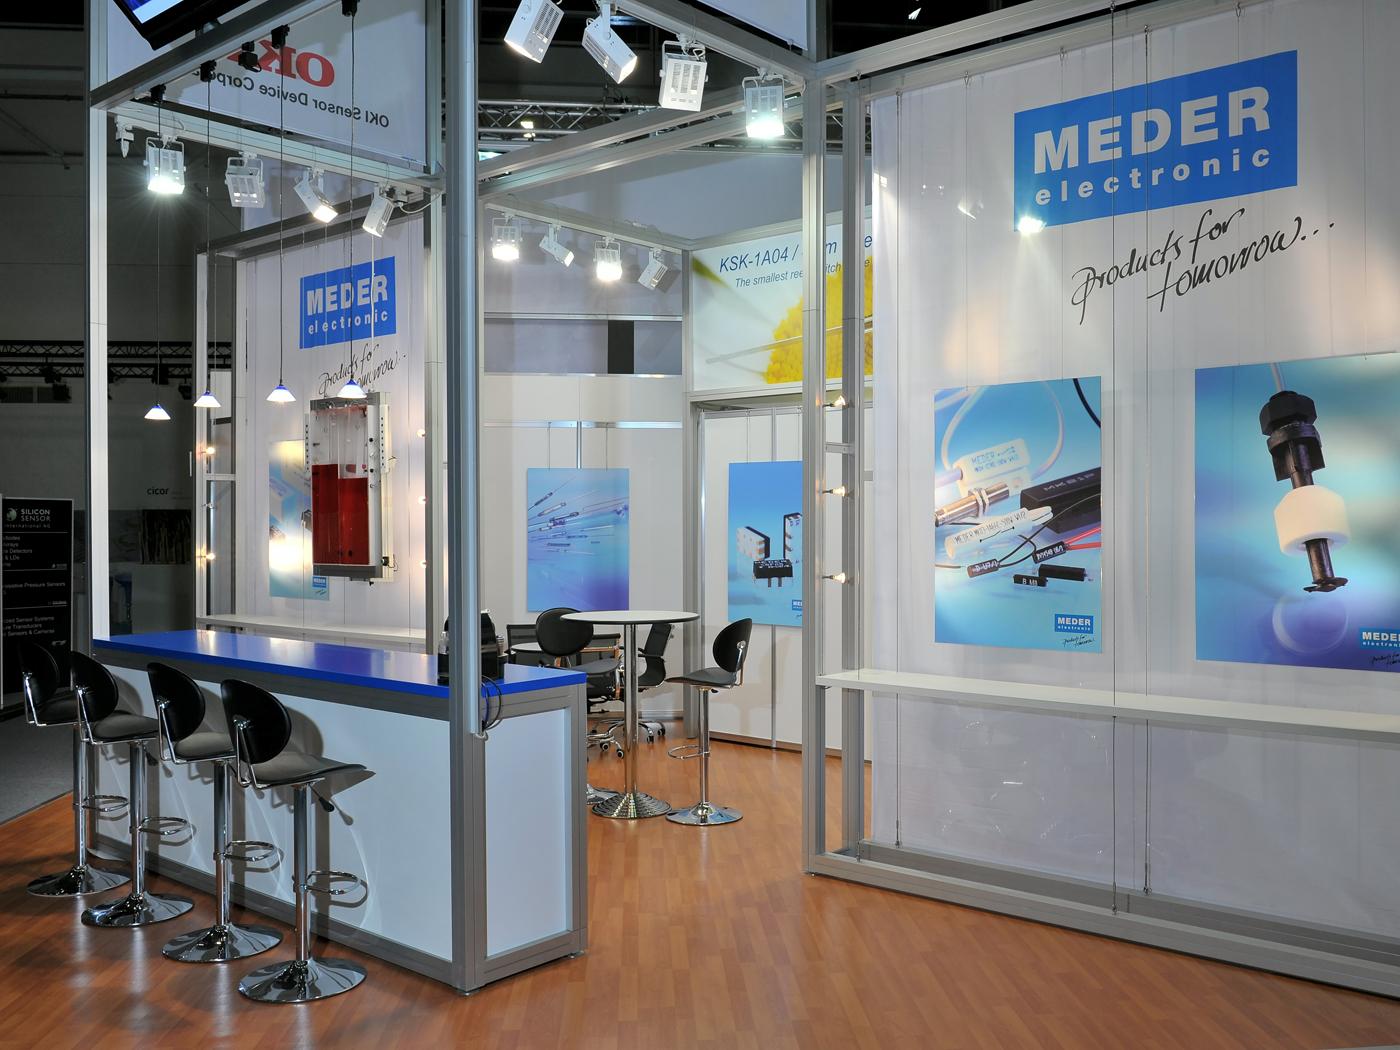 FX Design - Messestand - Meder electronica 2010